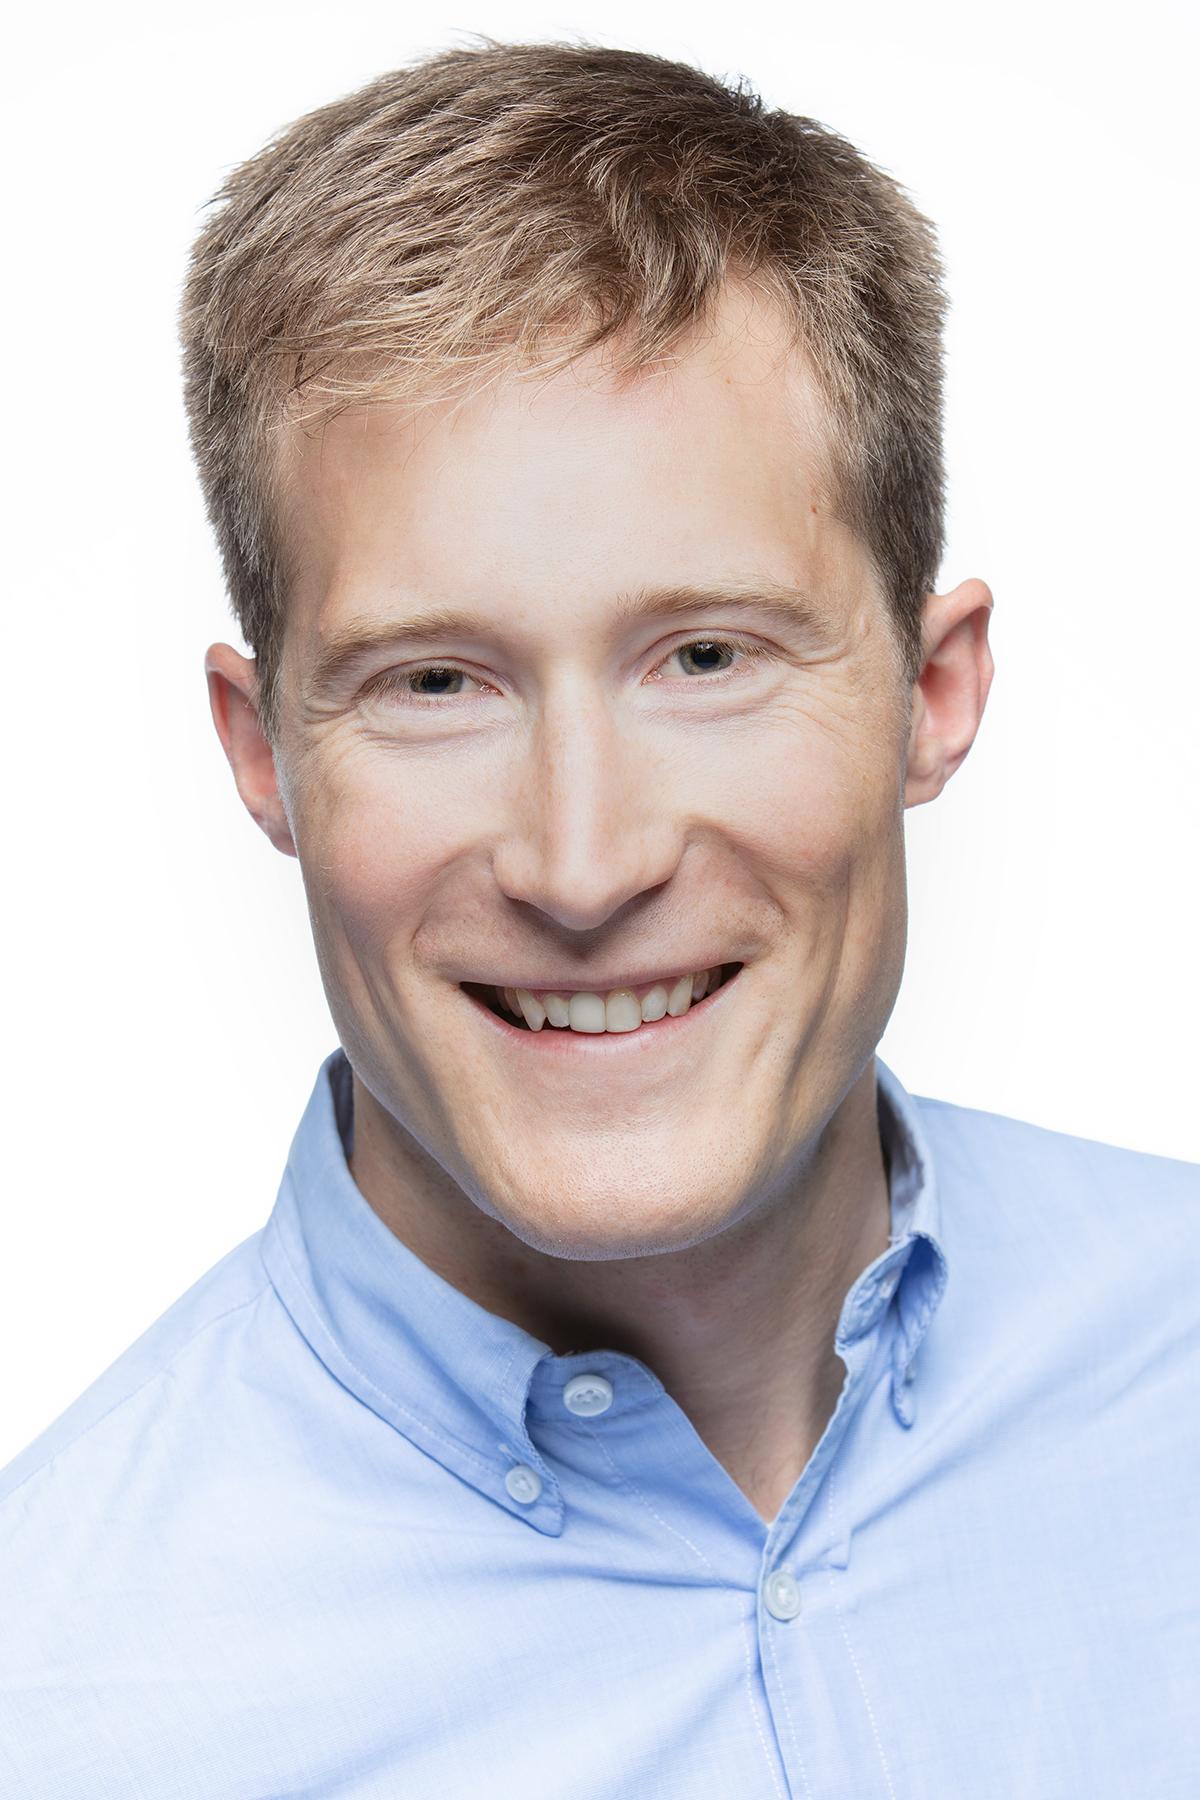 Ian Michael Rousseau